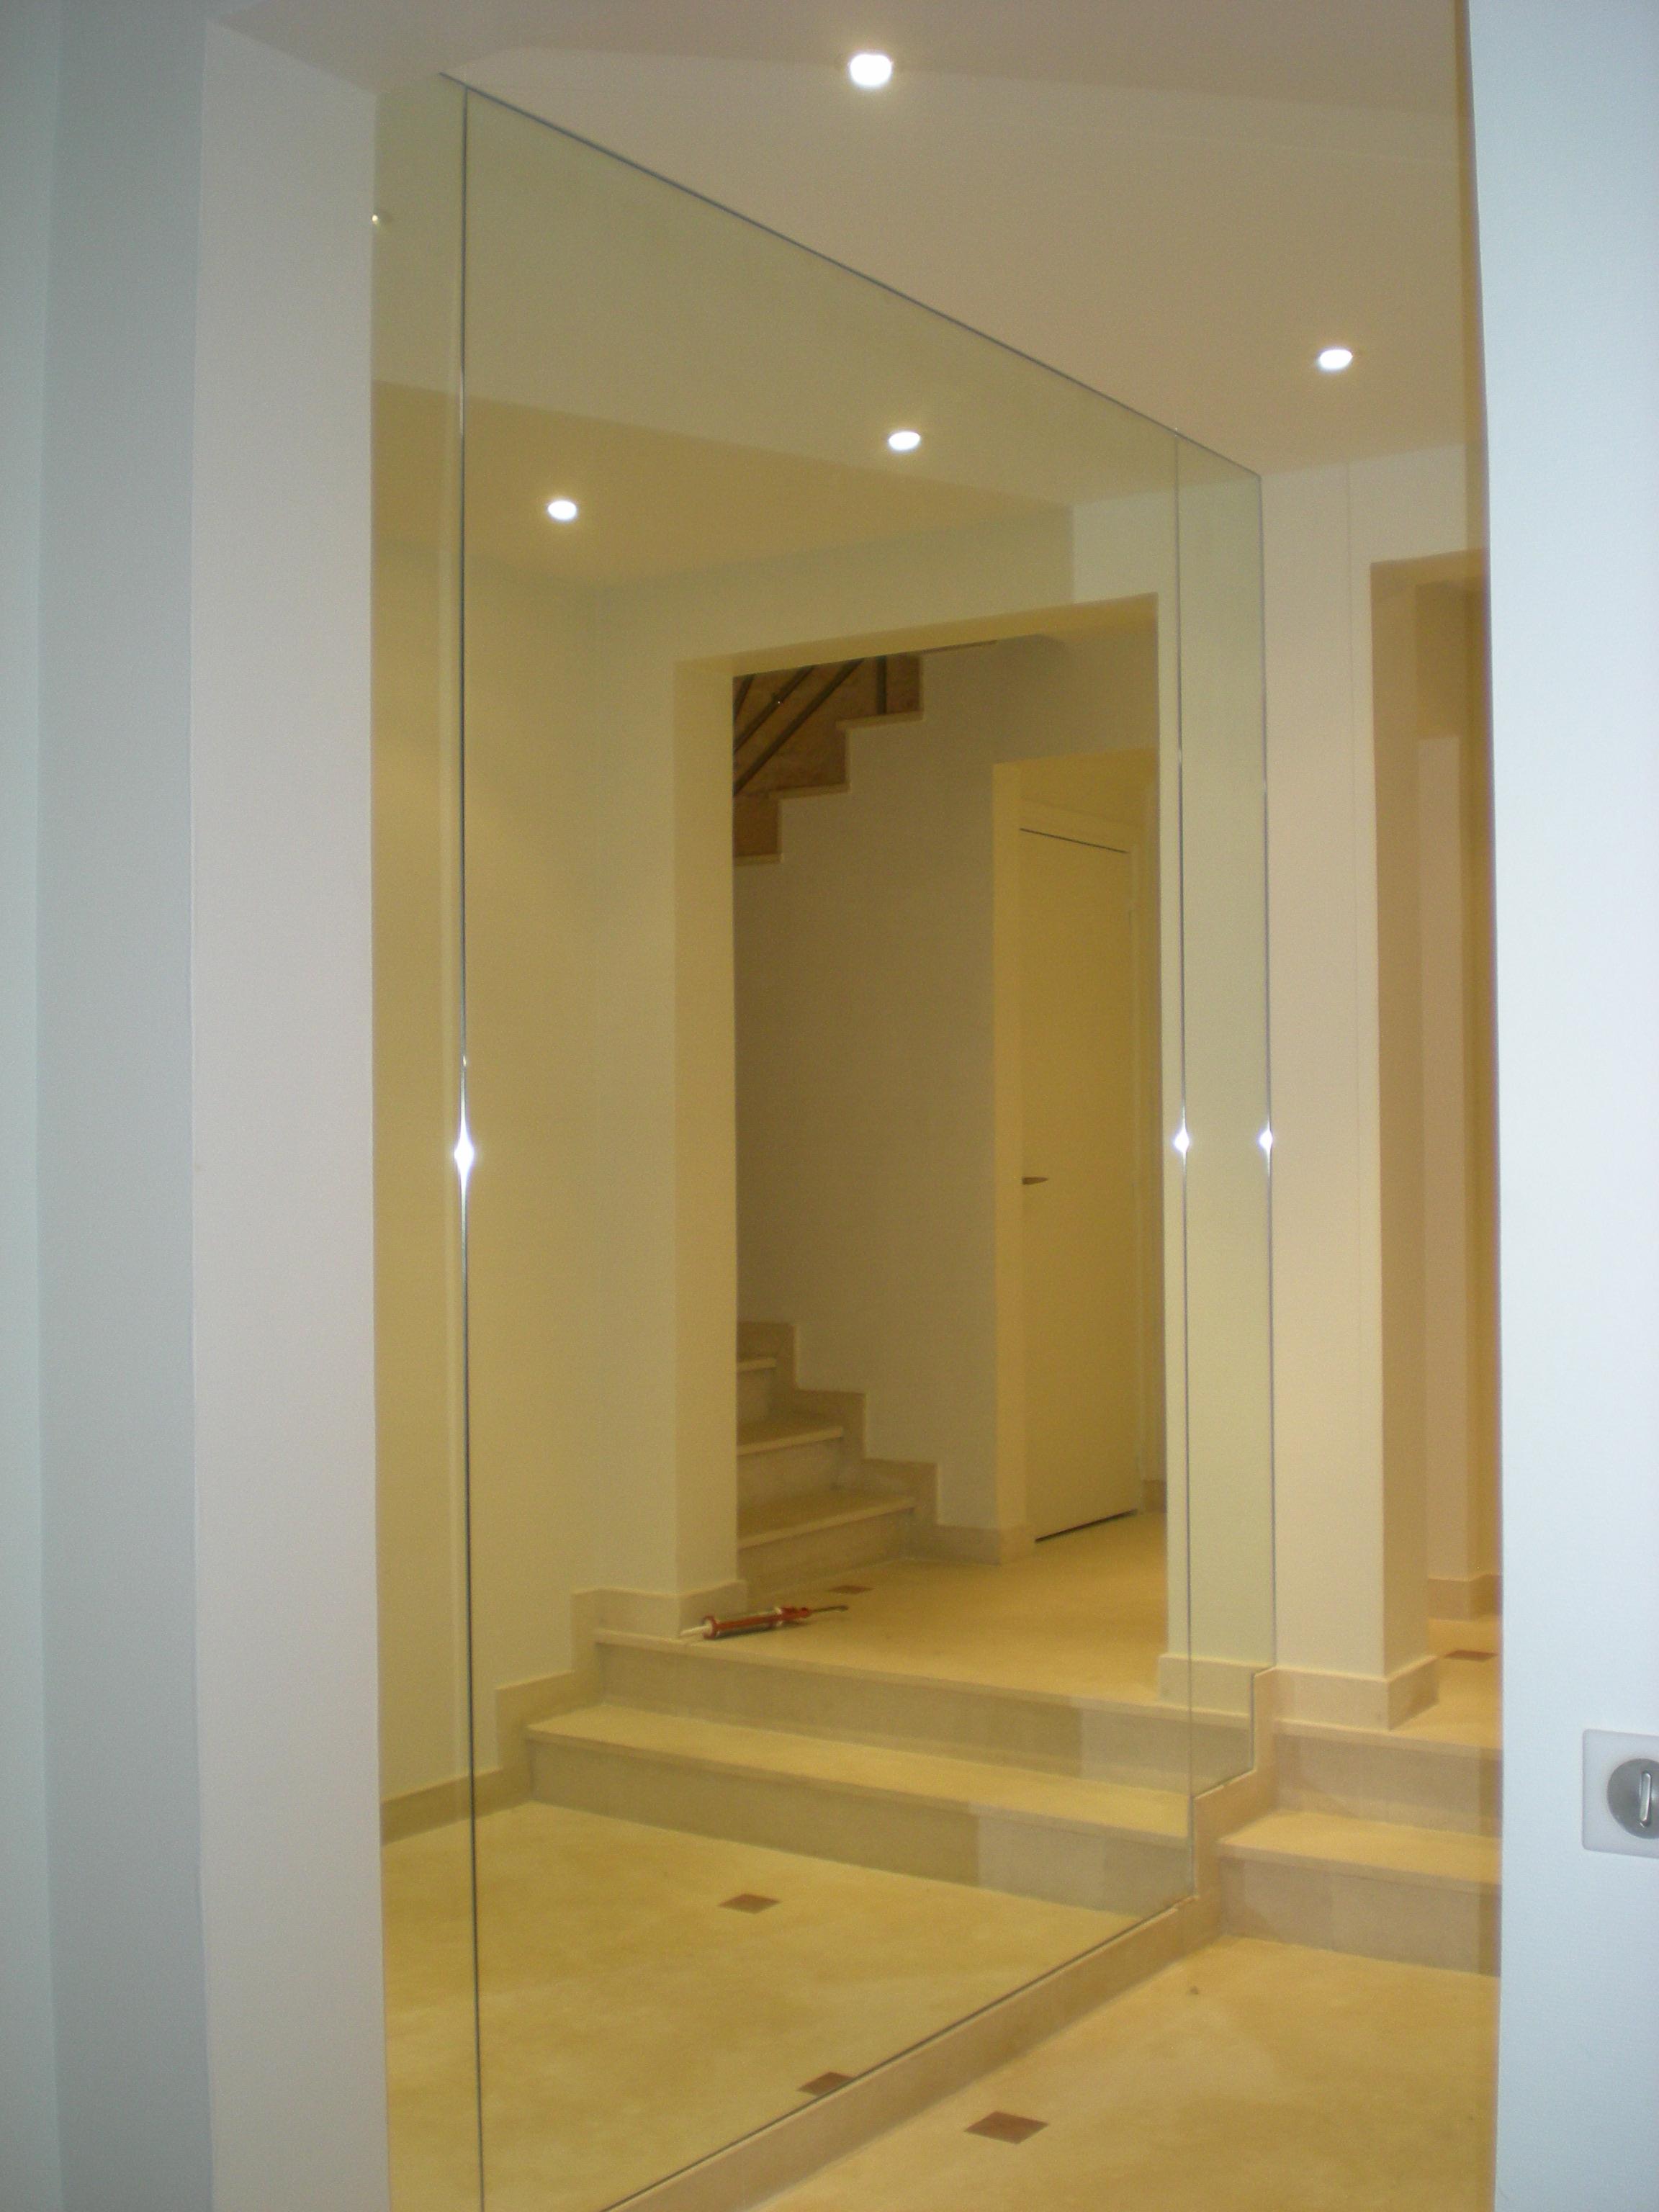 Miroiterie Clamart avec miroiterie page miroirs carrousel3 capter la lumière dans un hall d